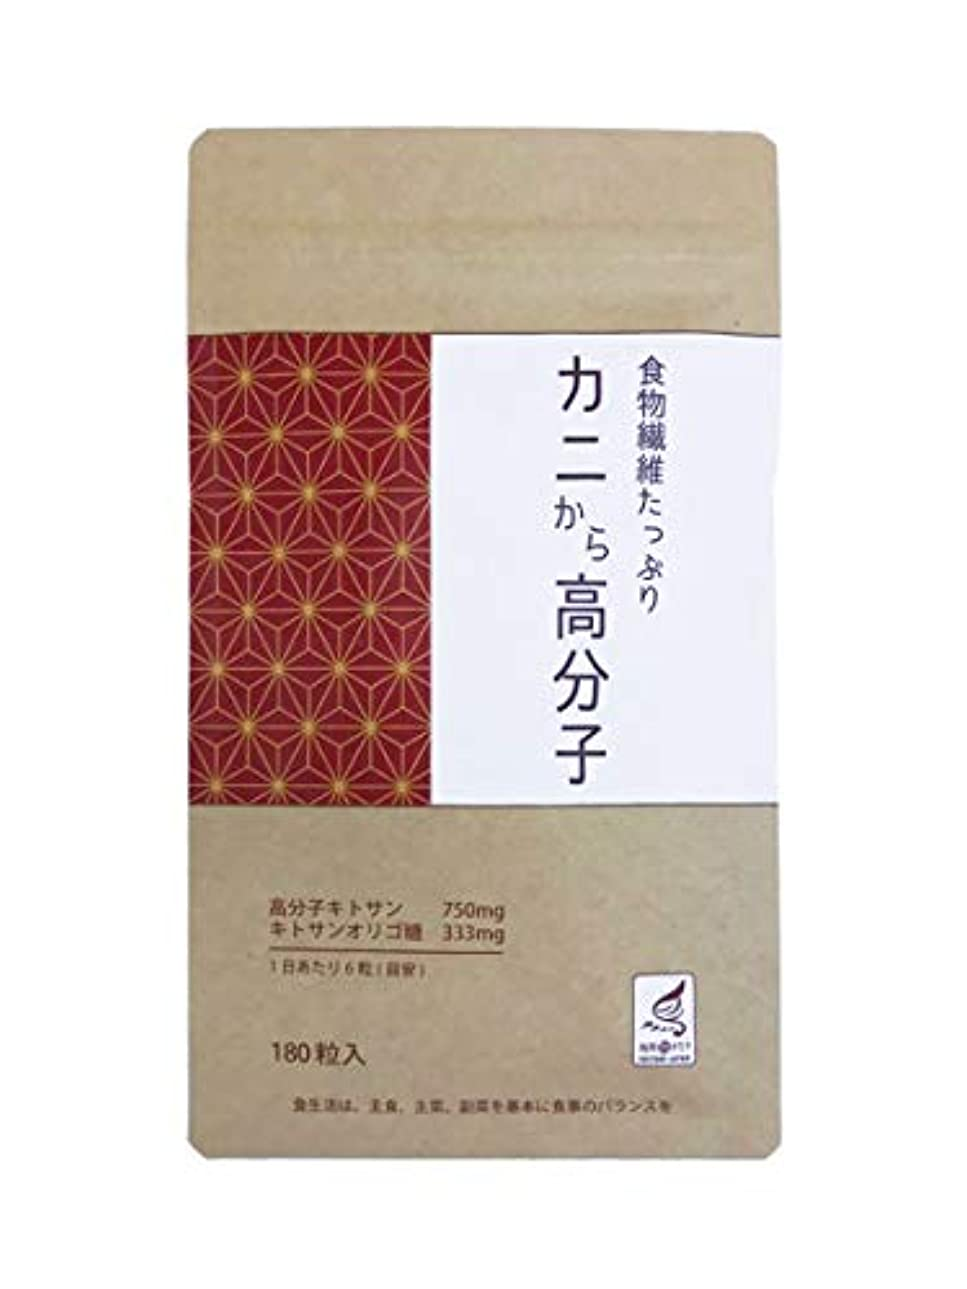 ホイットニー形状ありふれたキトサン&キトサンオリゴ糖「カニから高分子」/【CC】